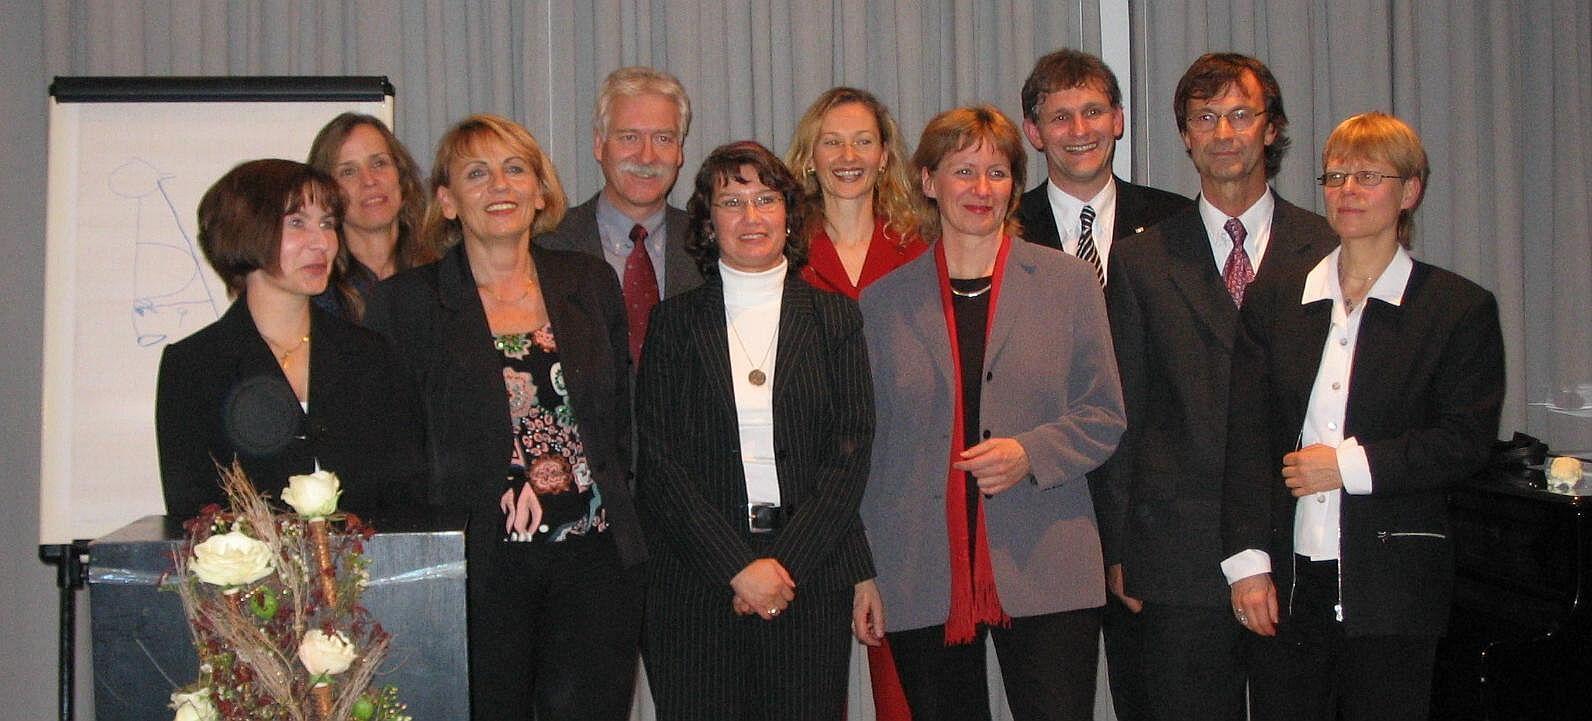 Das RAA-Team beim Jubiläum 2004 mit NRW-Sozialministerin Birgit Fischer (4.v.r.), Landrat Michael Makiolla (3.v.r.), Sozialdezernentin Gabriele Warminski-Leitheußer (Mitte, 2. Reihe) und Fachbereichsleiter Norbert Hahn (4.v.l.). Foto: Kreis Unna